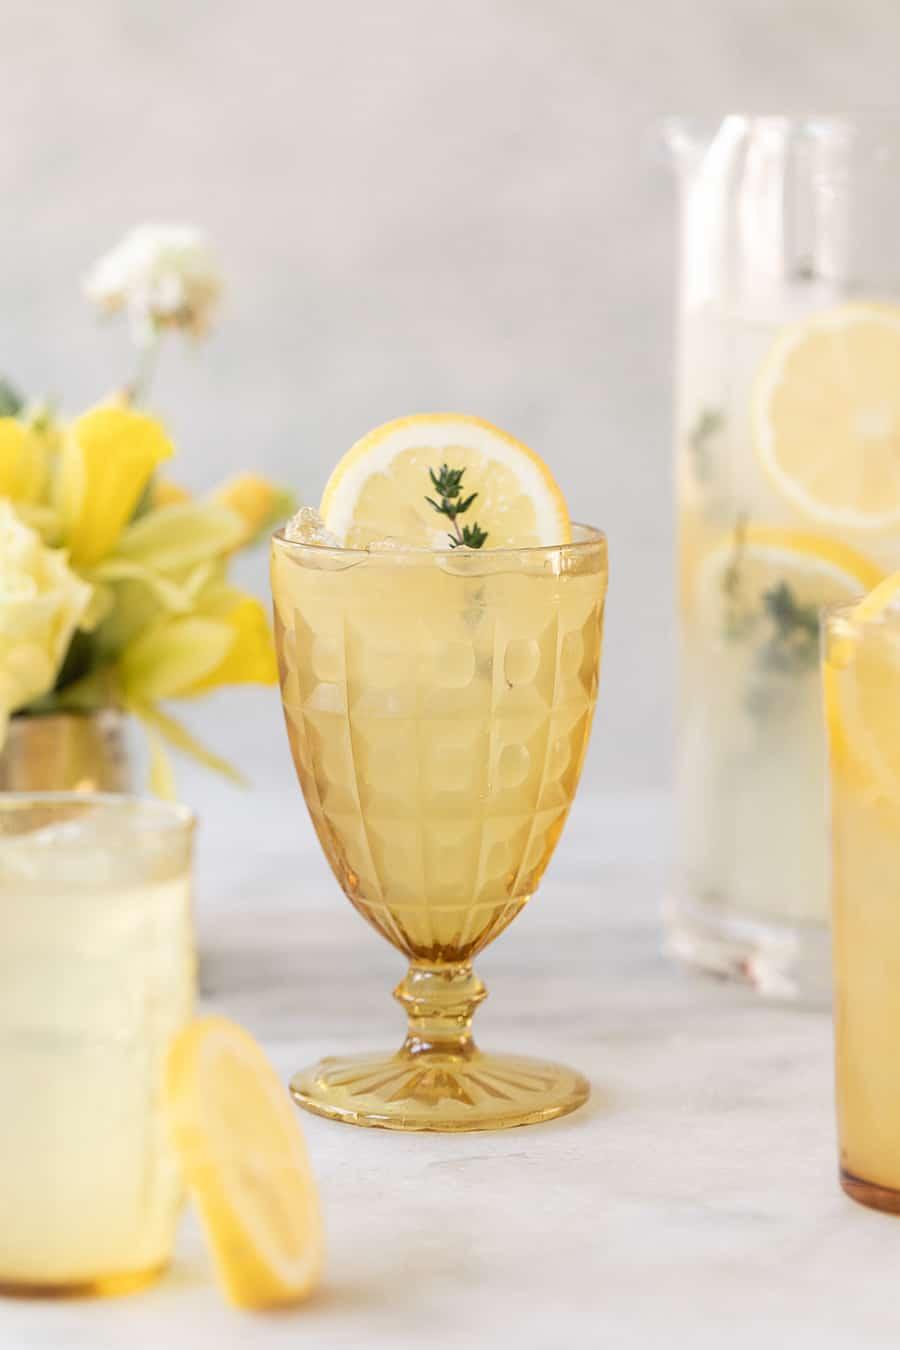 Cocktail idea for Oscars party